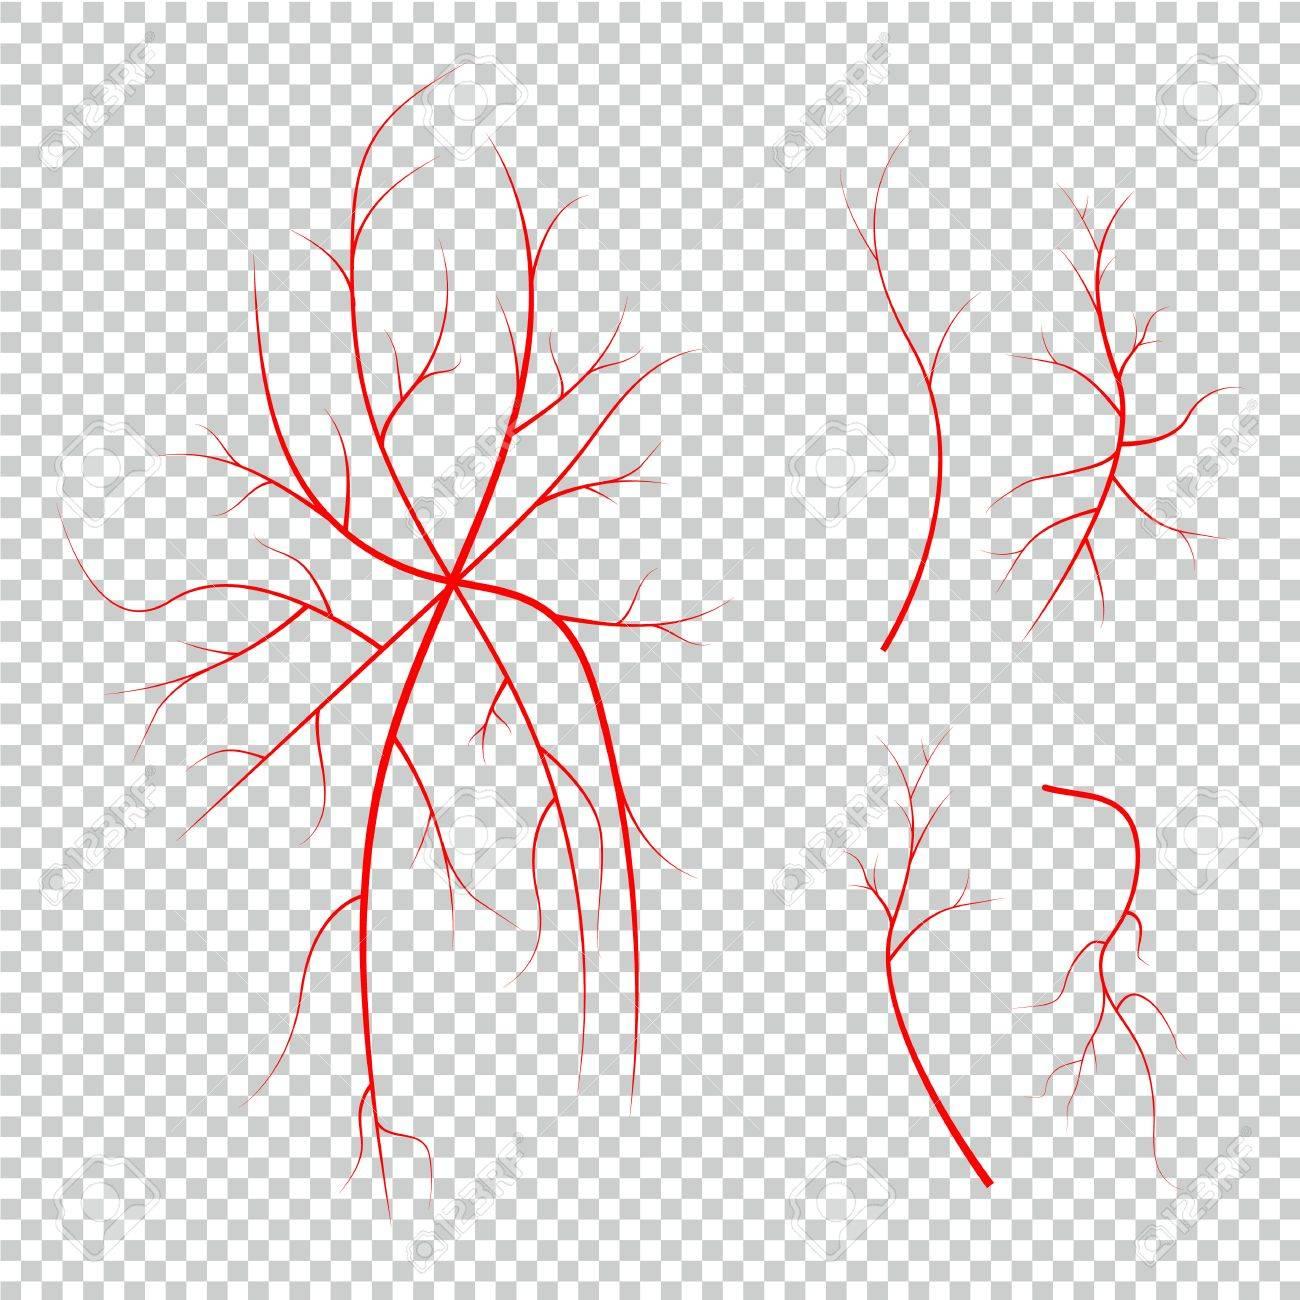 Ansammlung Der Menschlichen Augenadern, Rote Blutgefäße, Blutsystem ...